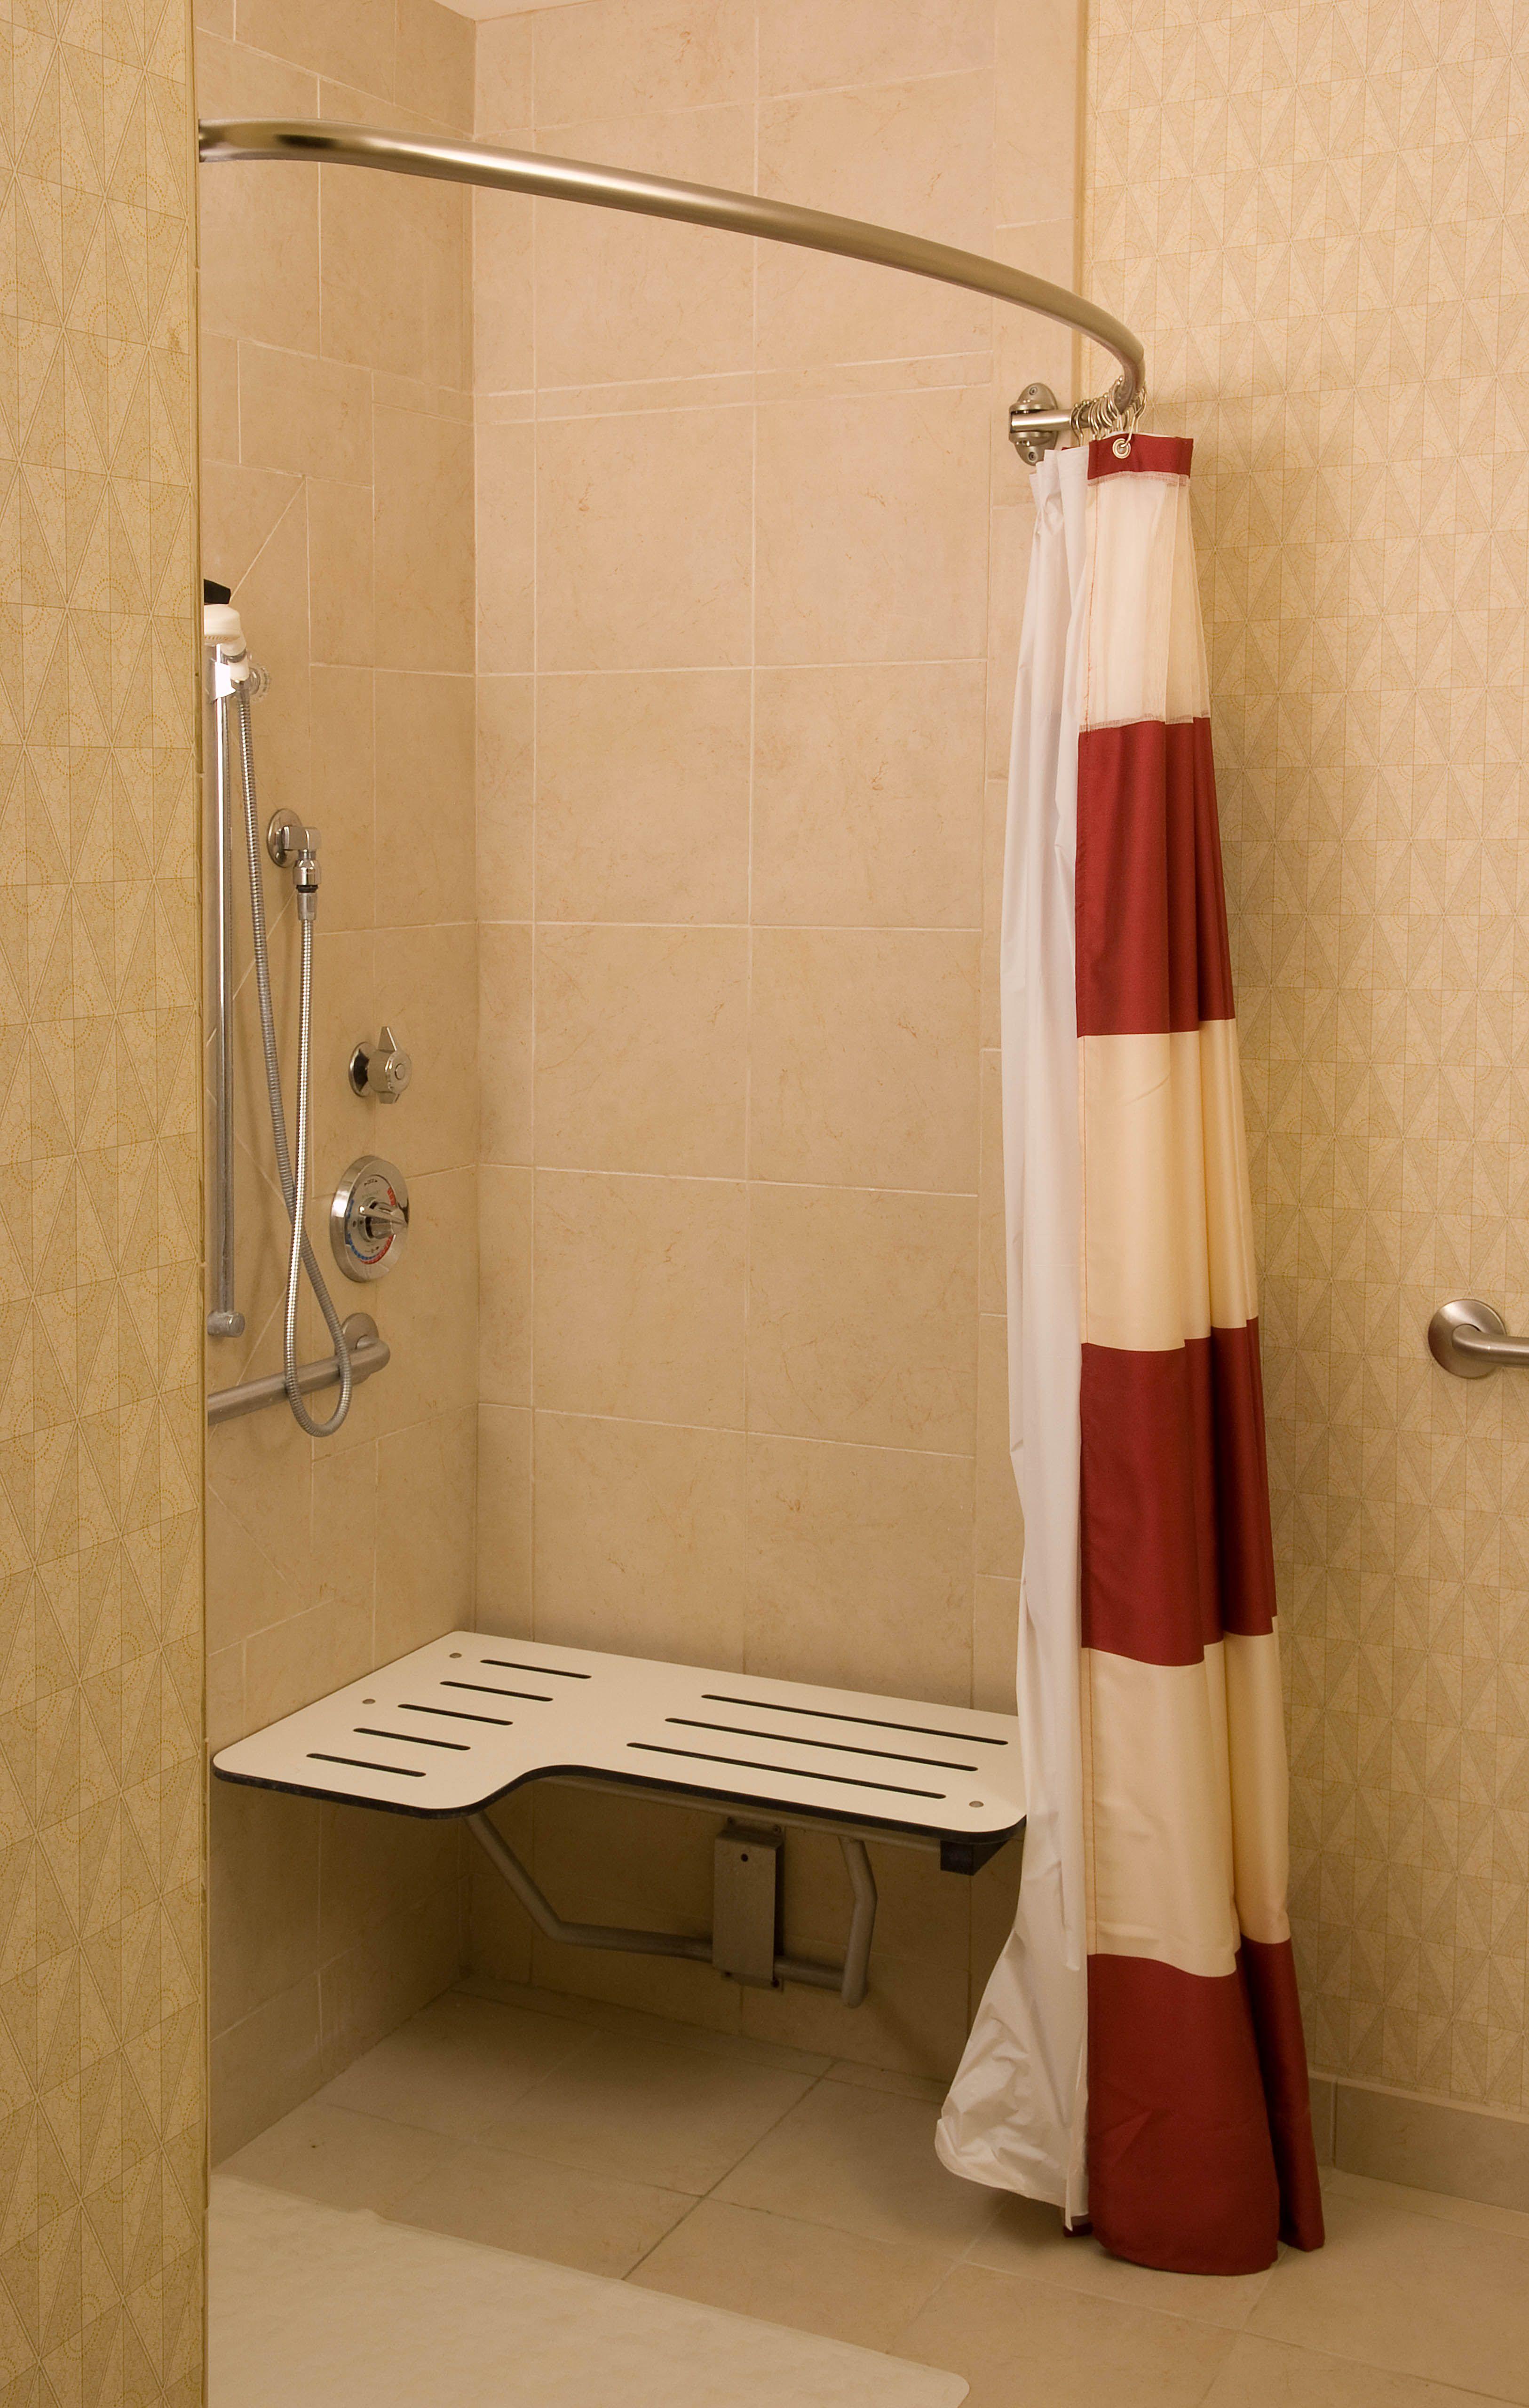 Residence Inn Ft. Myers Sanibel Hotel-Guest Bathroom ADA Shower http://www.marriott.com/hotels/event-planning/travel/rswrs-residence-inn-fort-myers-sanibel/